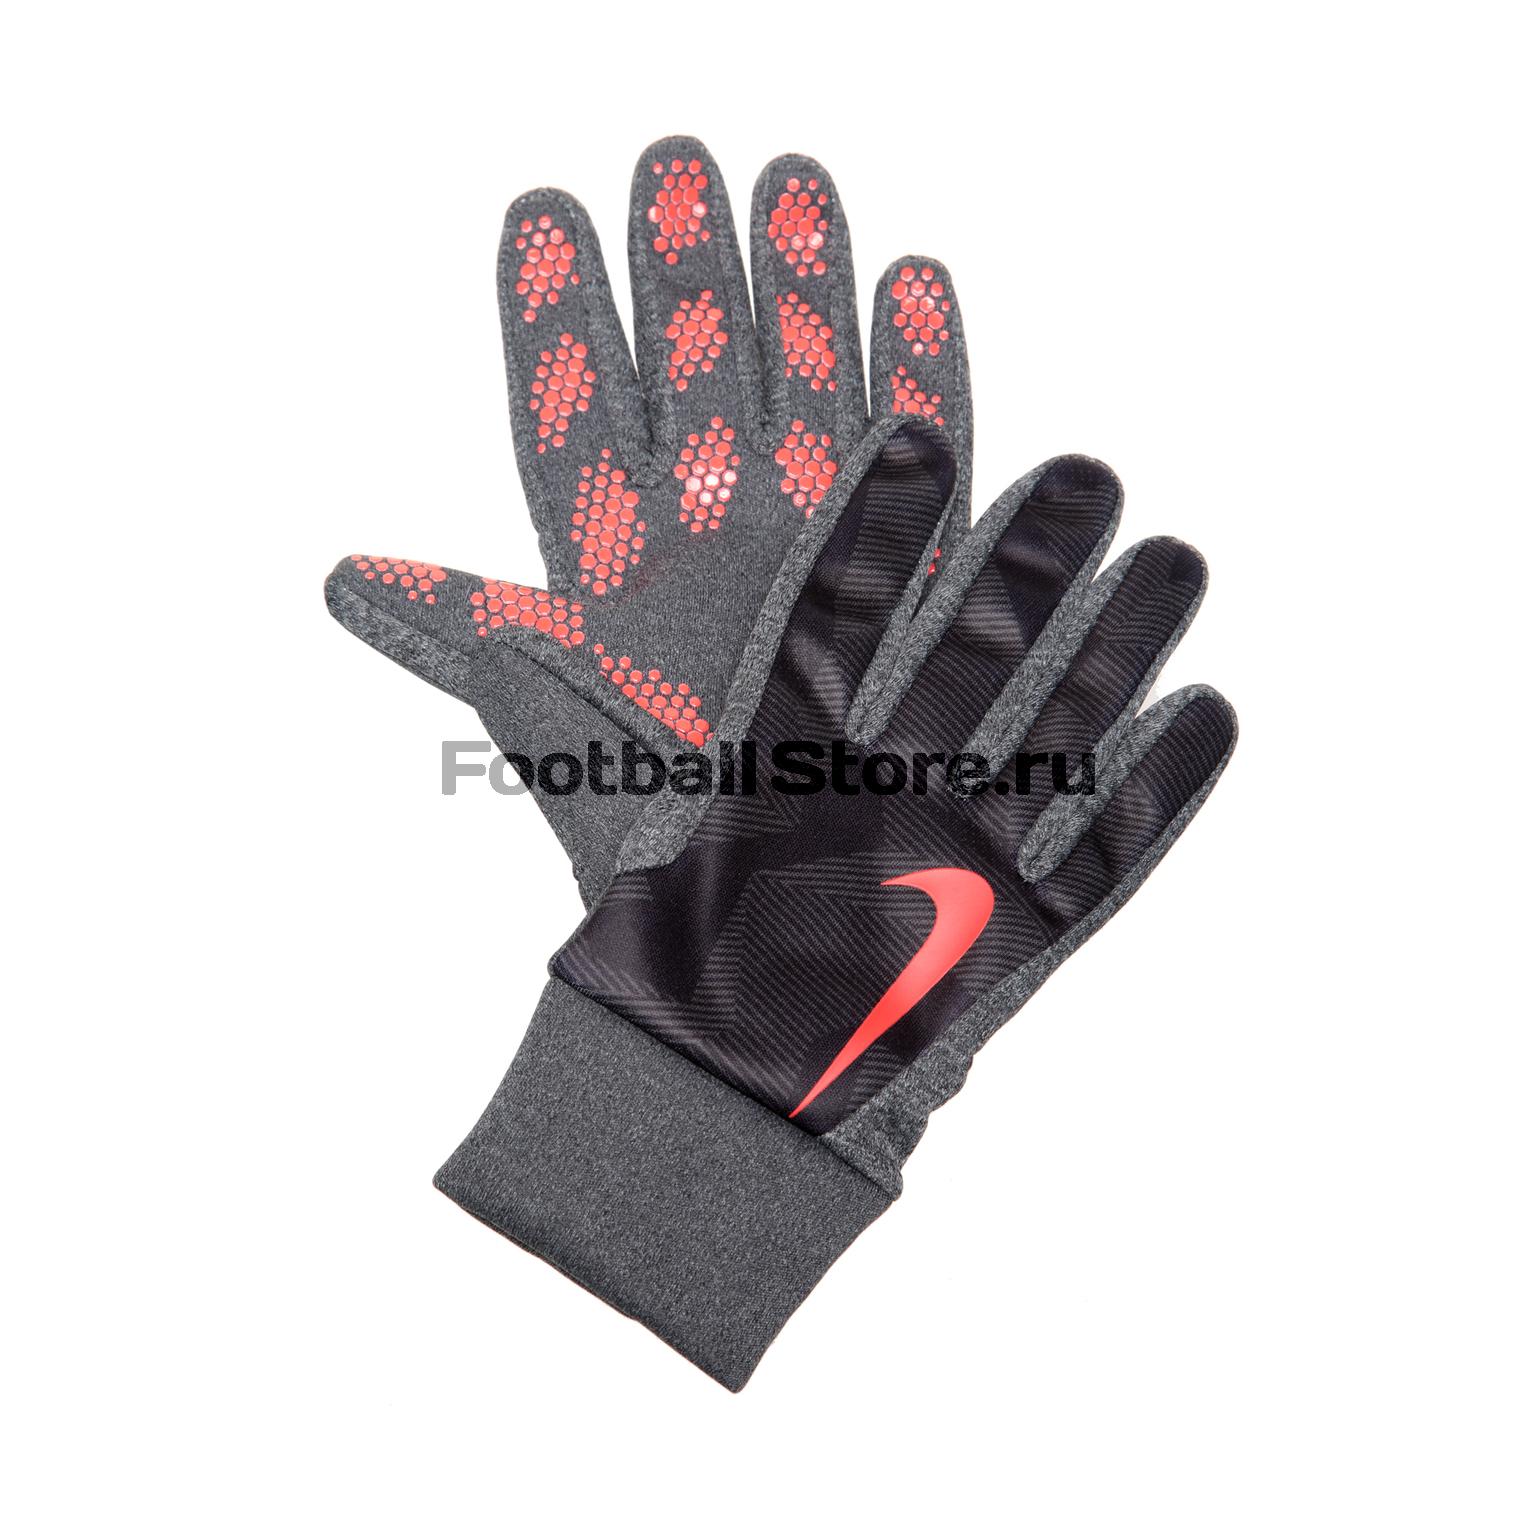 Аксессуары Nike Детские тренировочные перчатки Nike HyperWarm GS0322-011 детские аксессуары